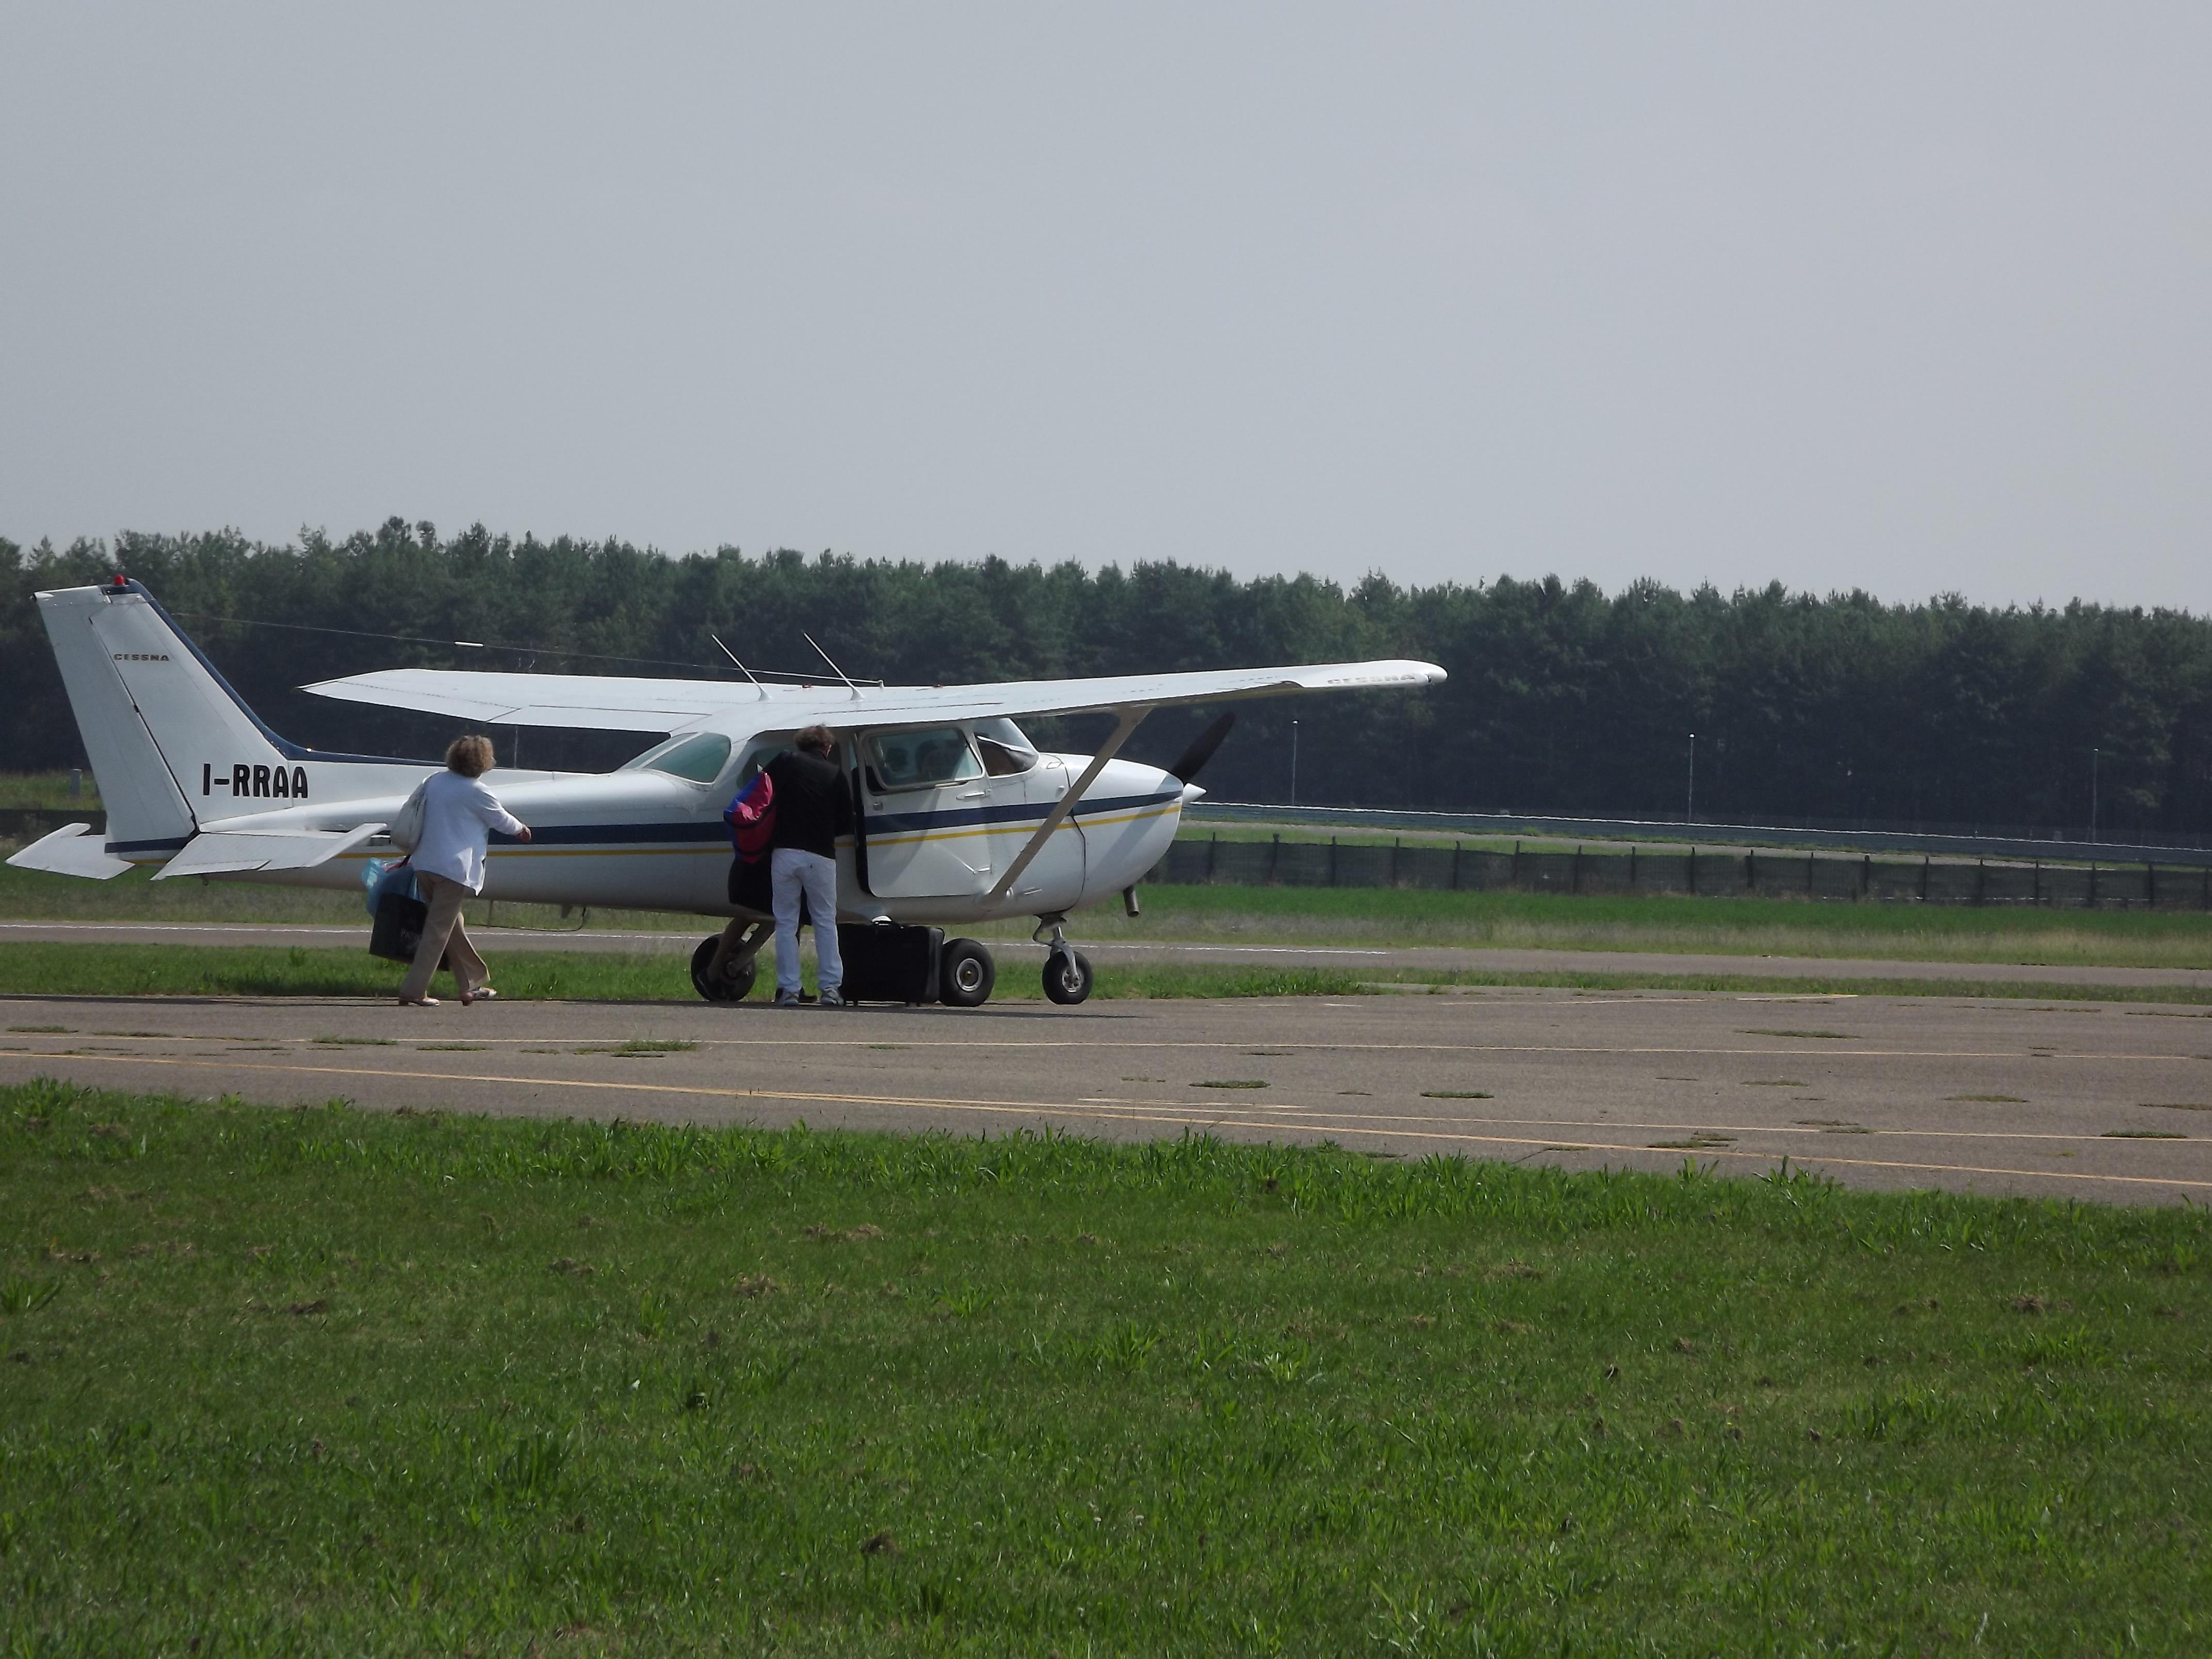 Cessna c 172n da massa cinquale aeroclub modena - In volo gemelli diversi ...